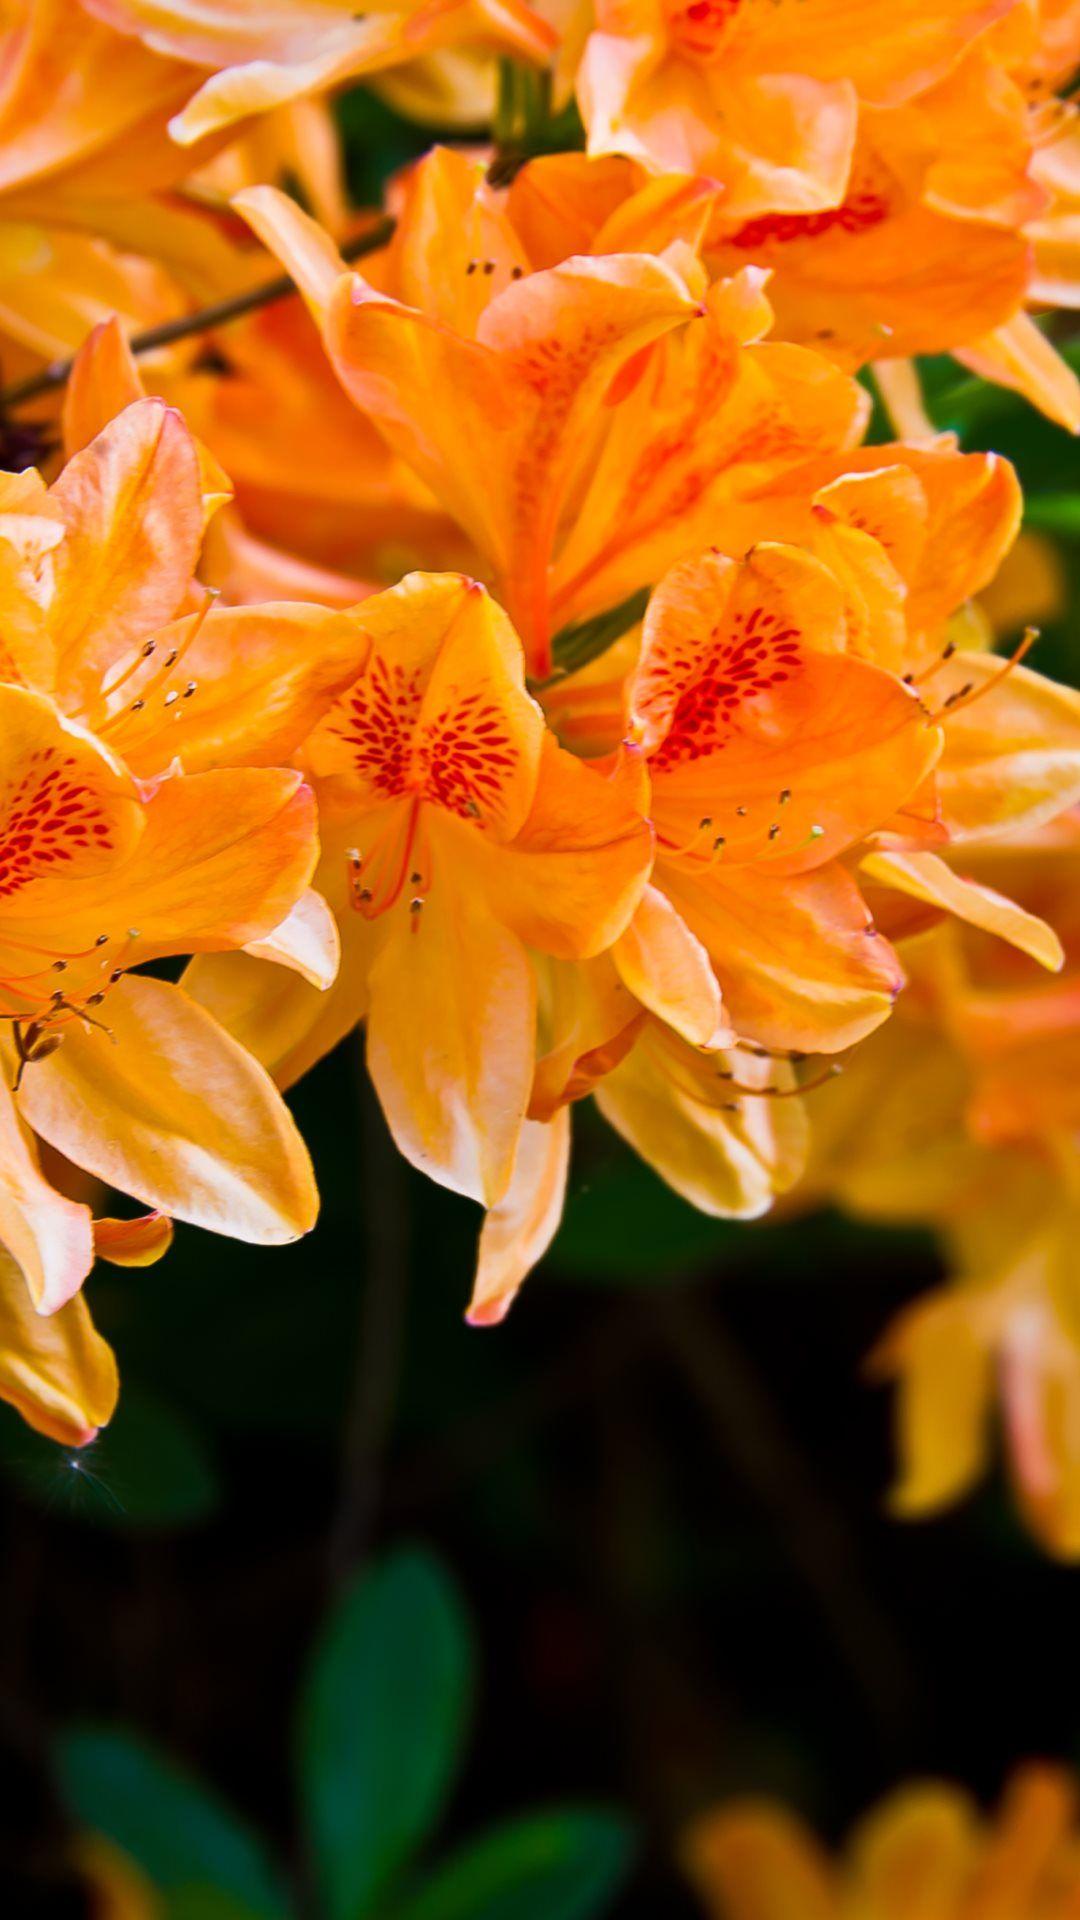 Orange Flower Wallpaper  WallDevil